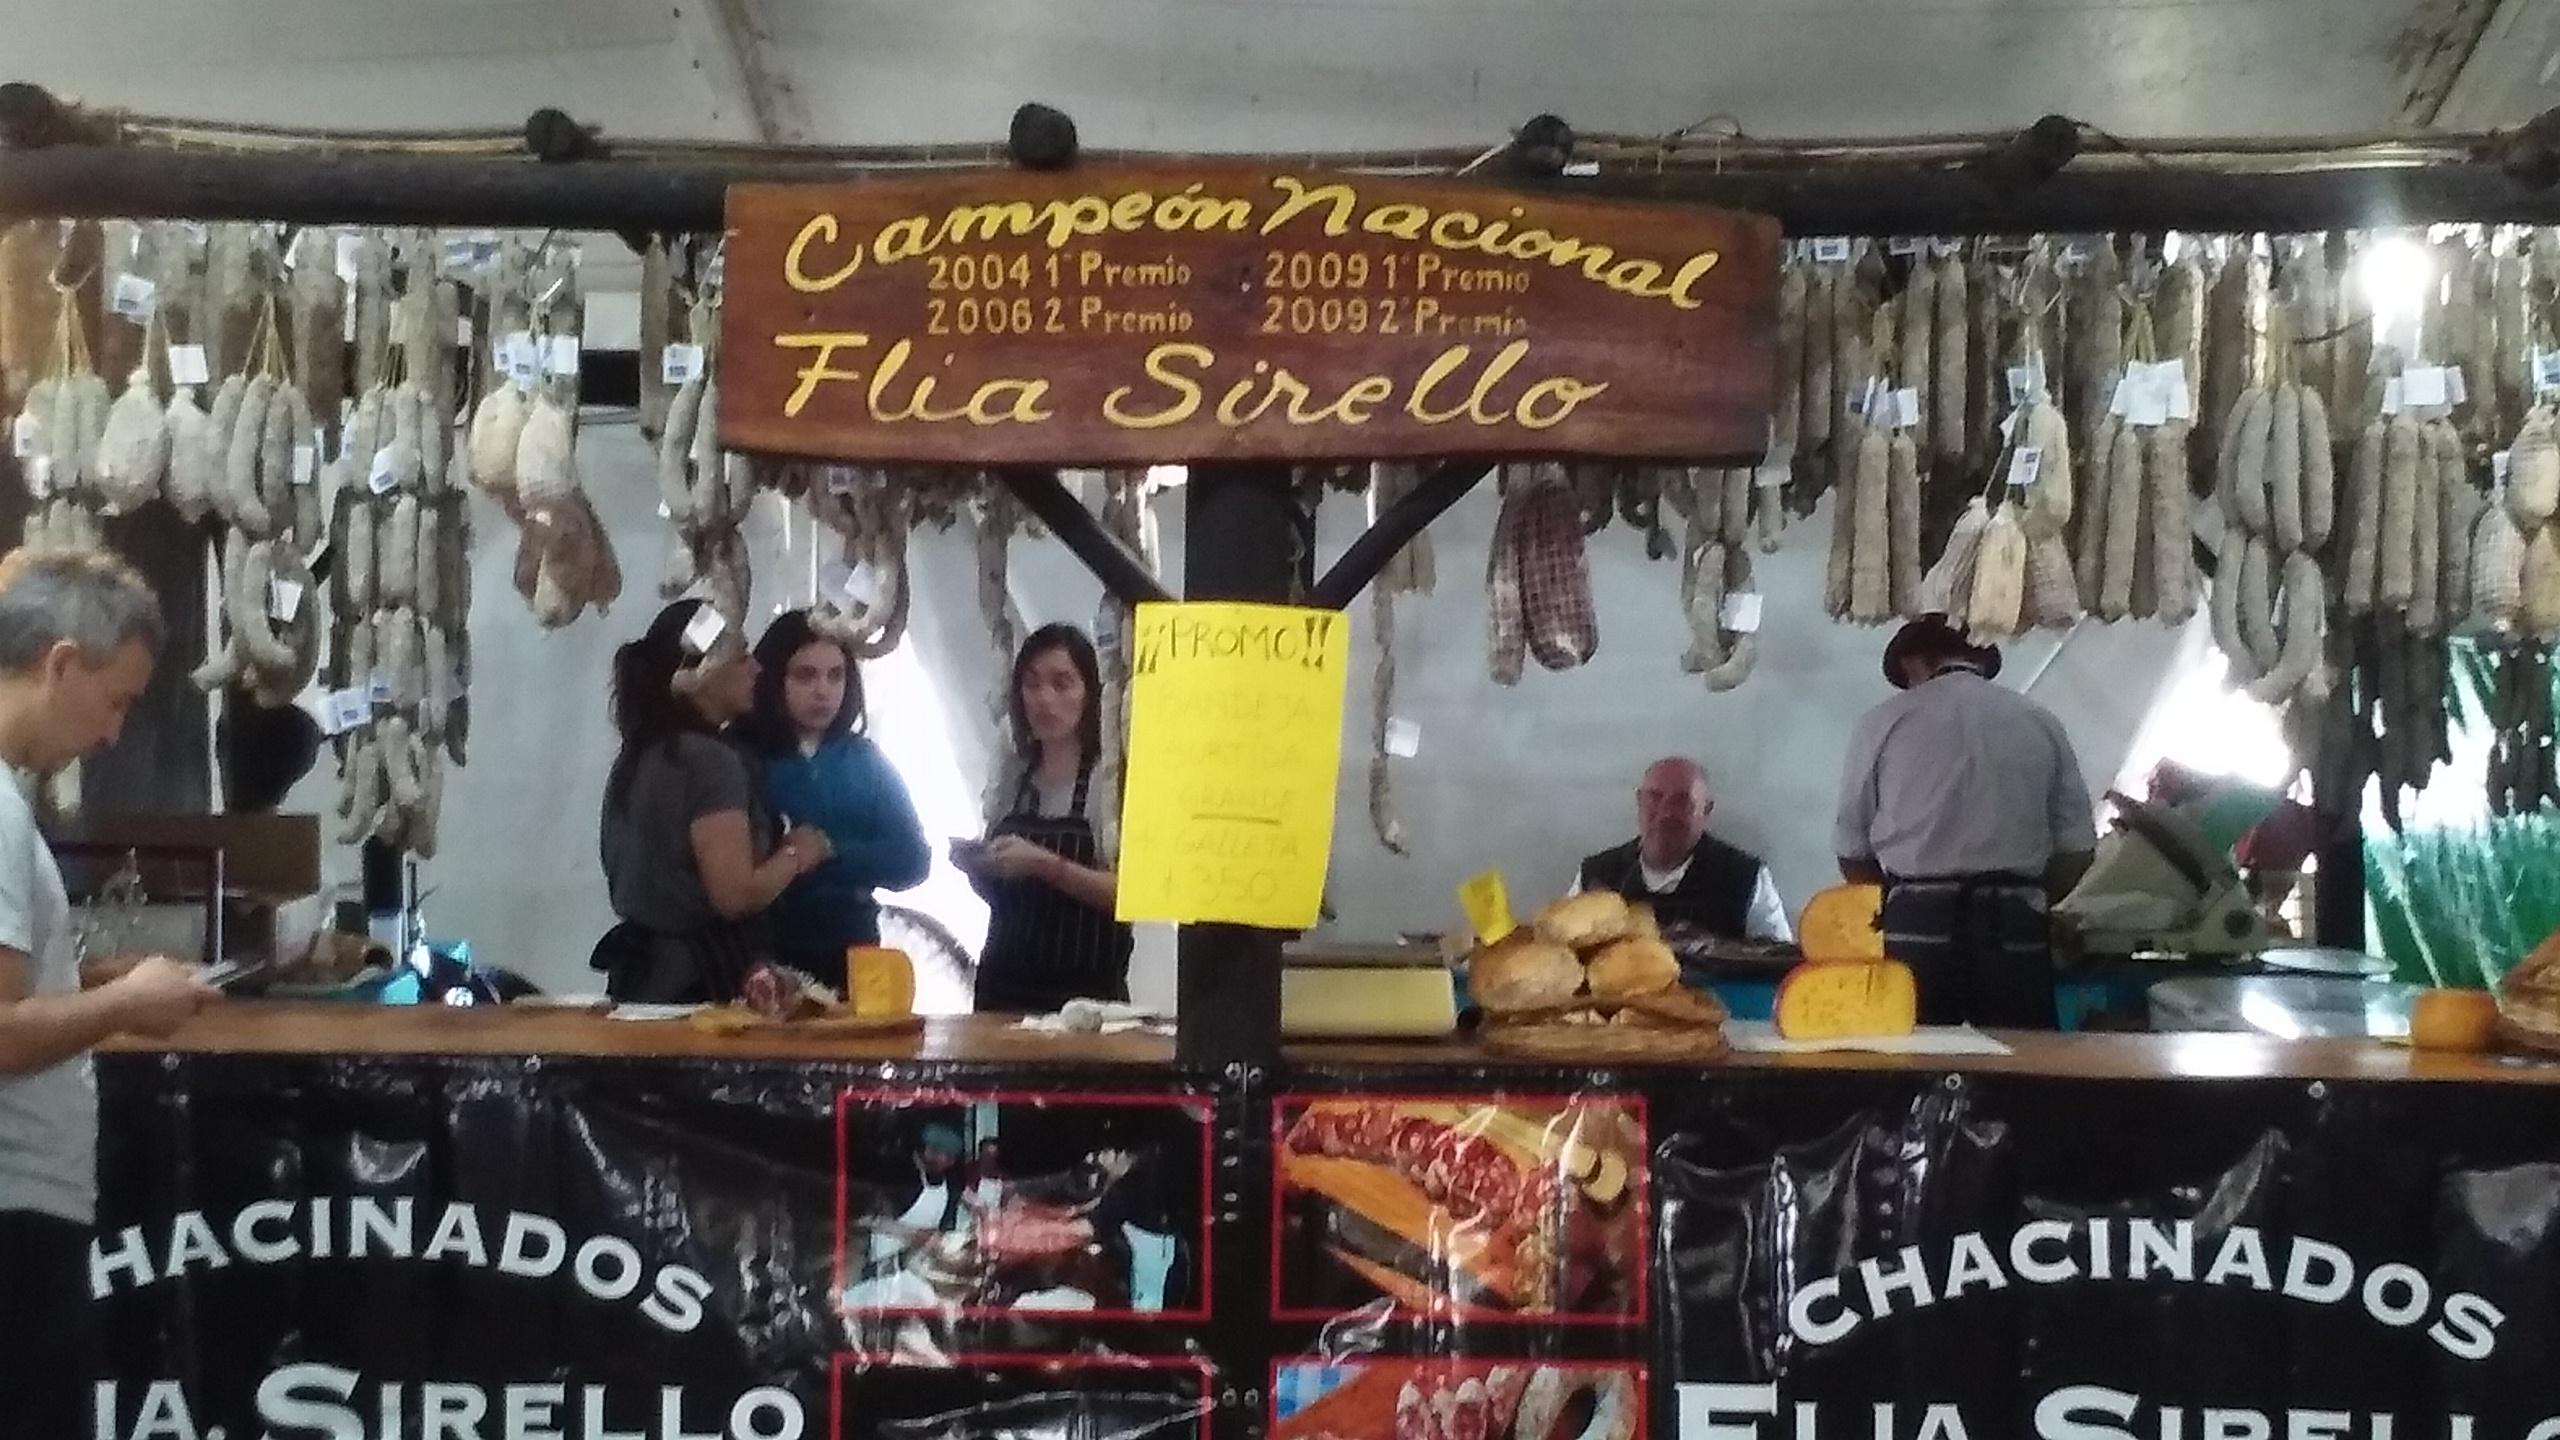 Fiesta del Salame Quintero: sabores con tradición